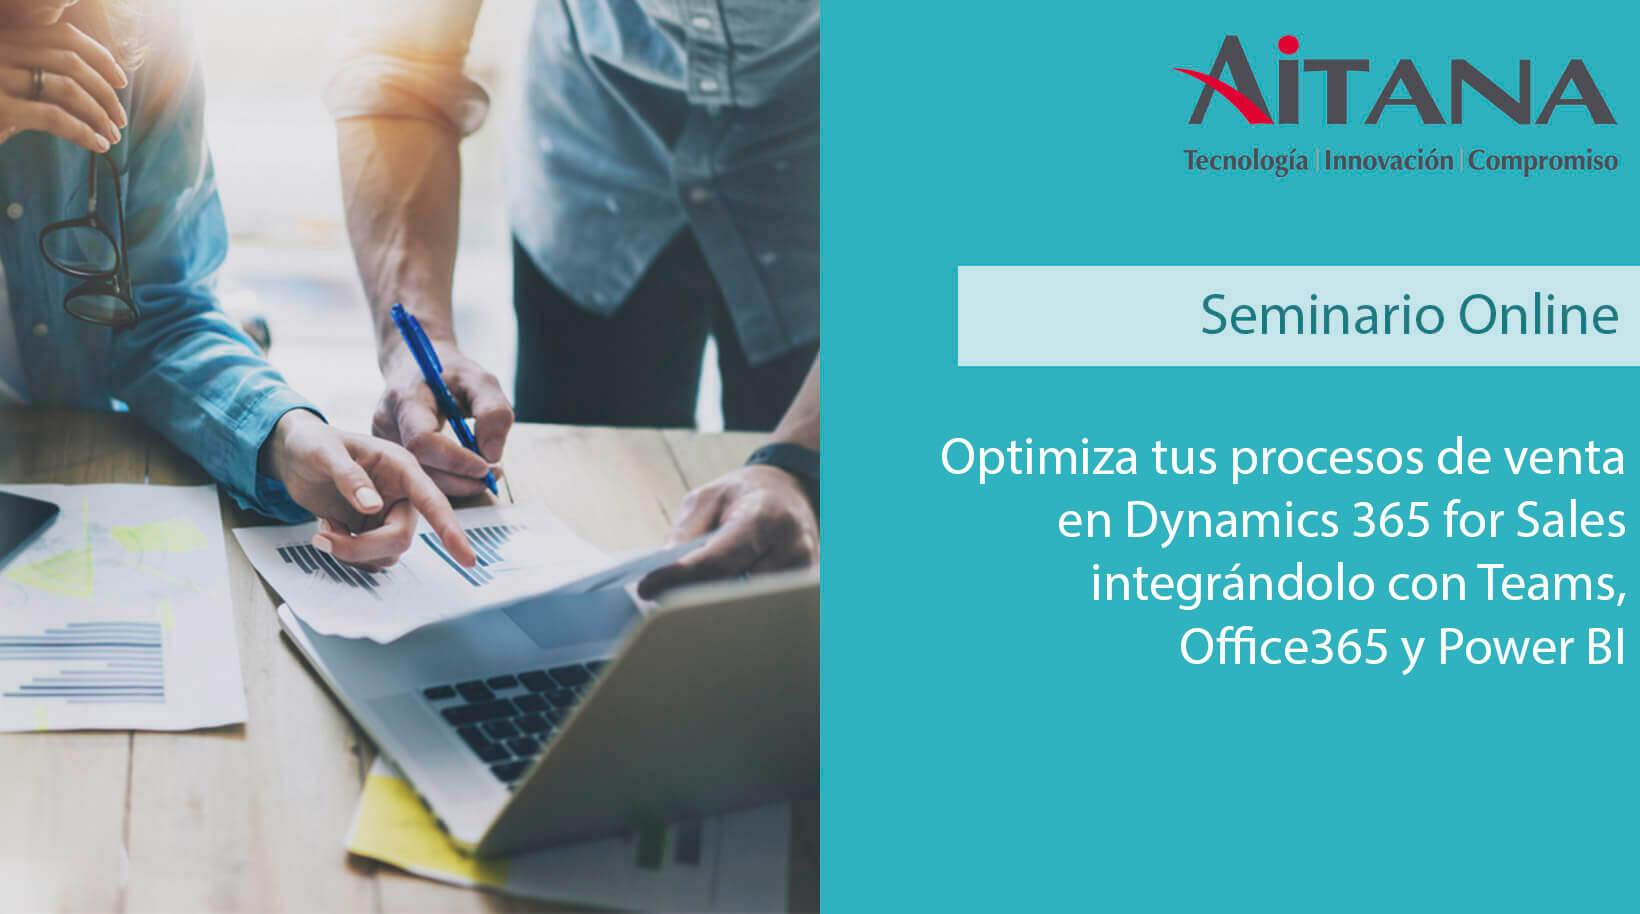 optimiza-tus-procesos-de-venta2